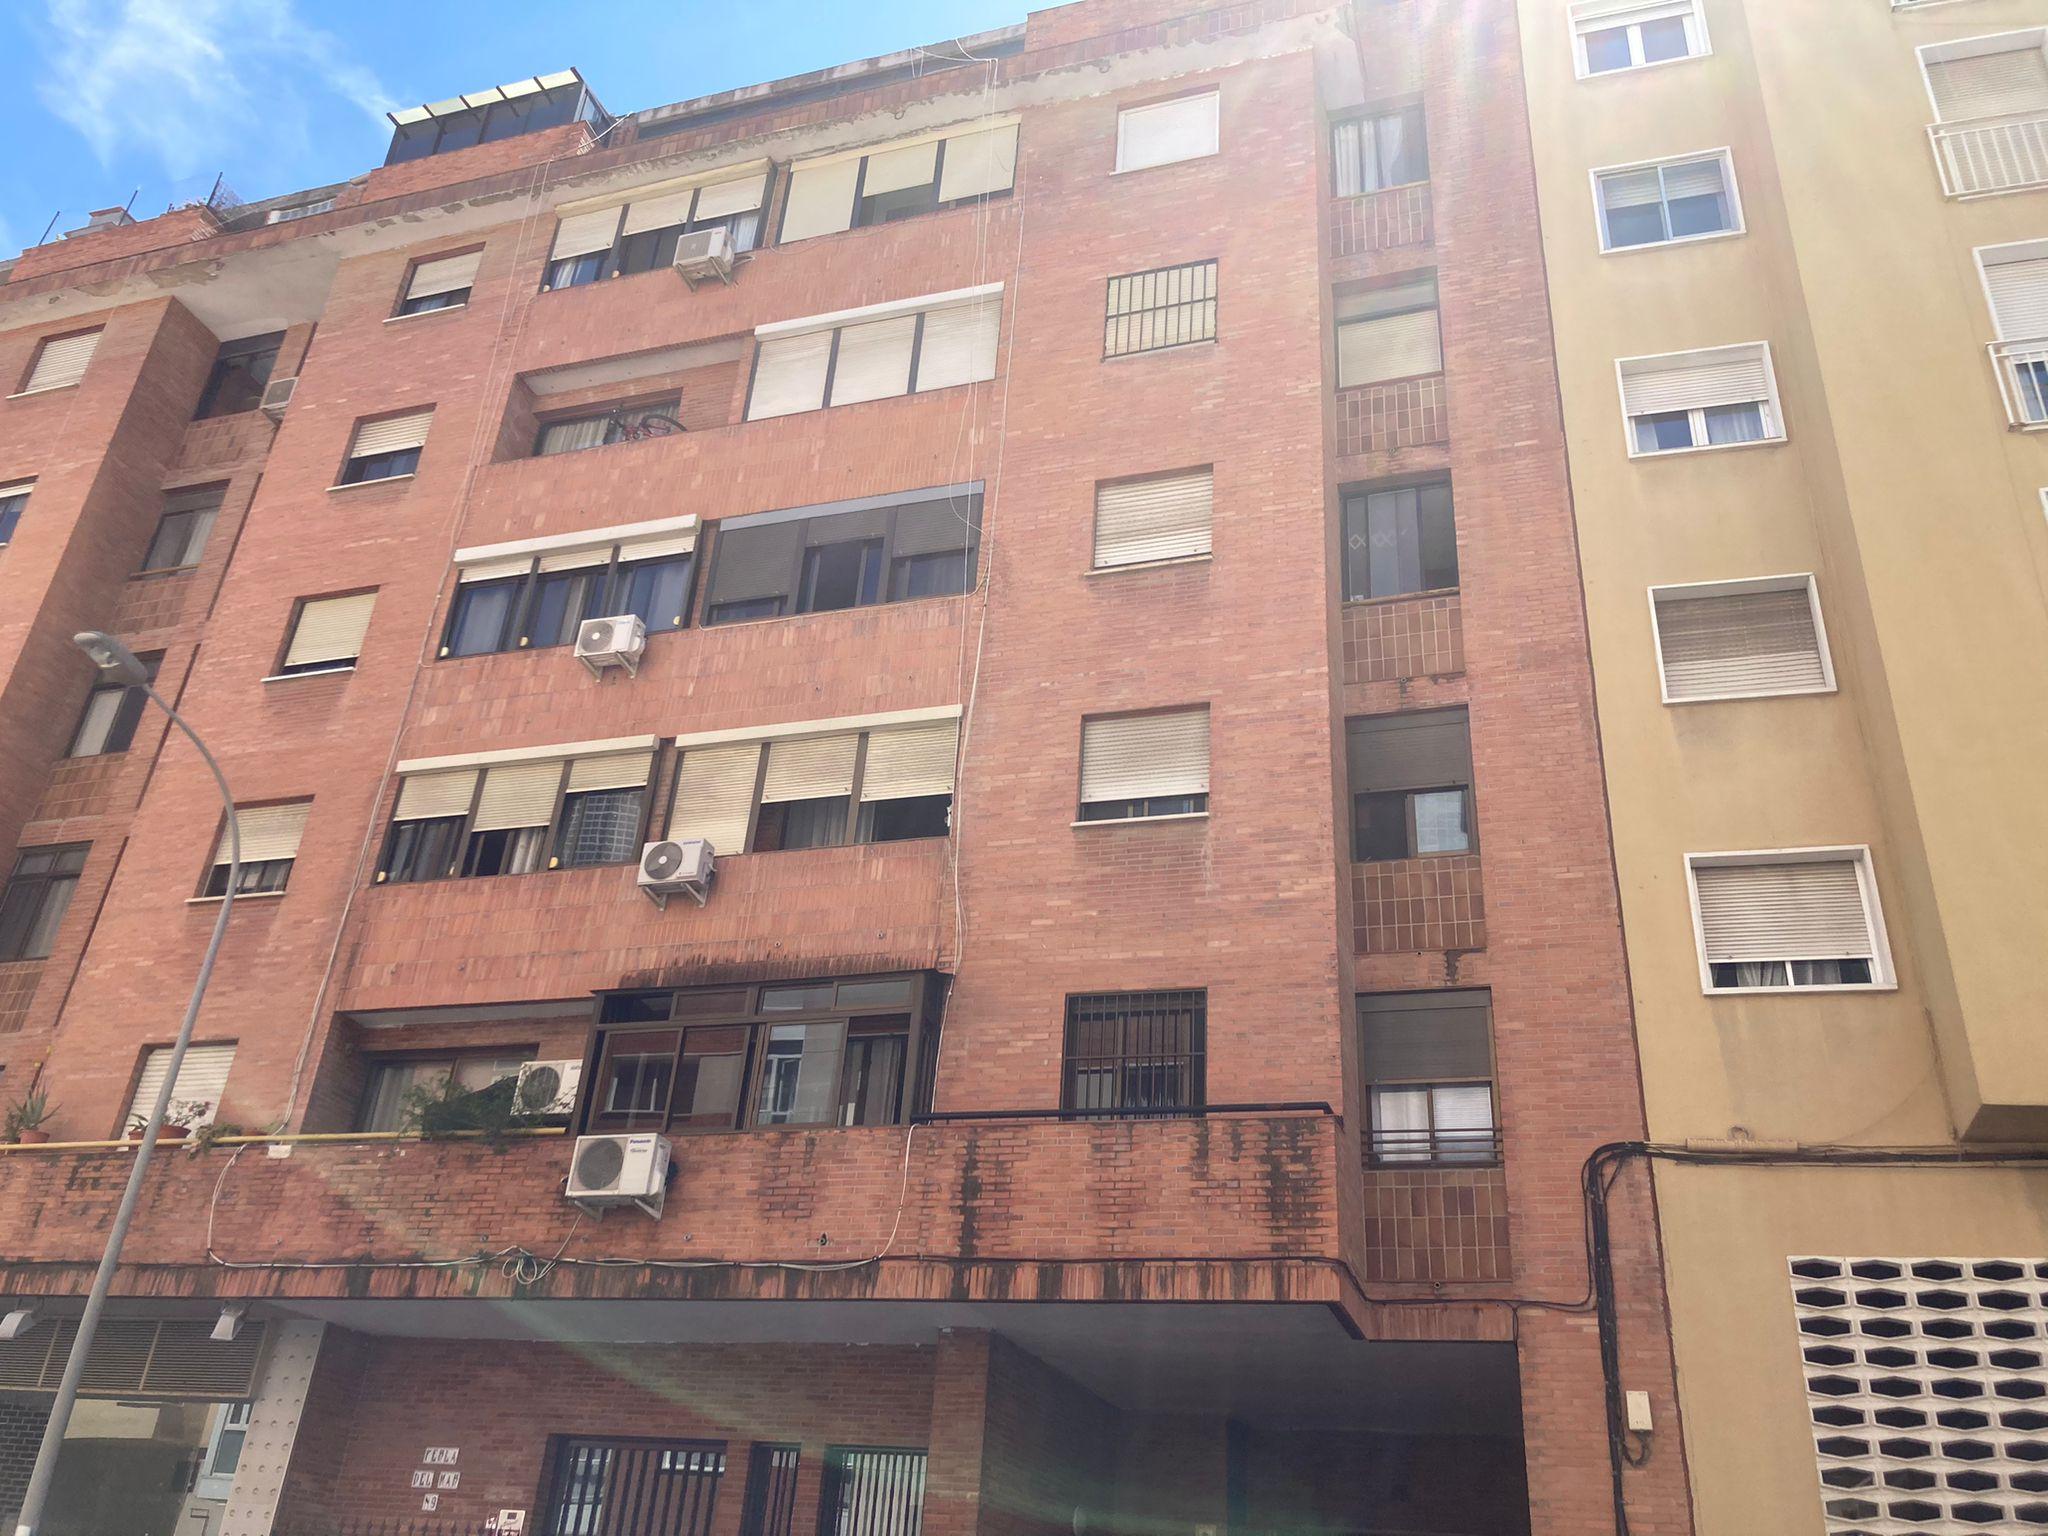 Piso en venta en Carretera de Cádiz, Málaga, Málaga, Calle Jacinto Verdaguer, 193.000 €, 2 habitaciones, 1 baño, 79 m2